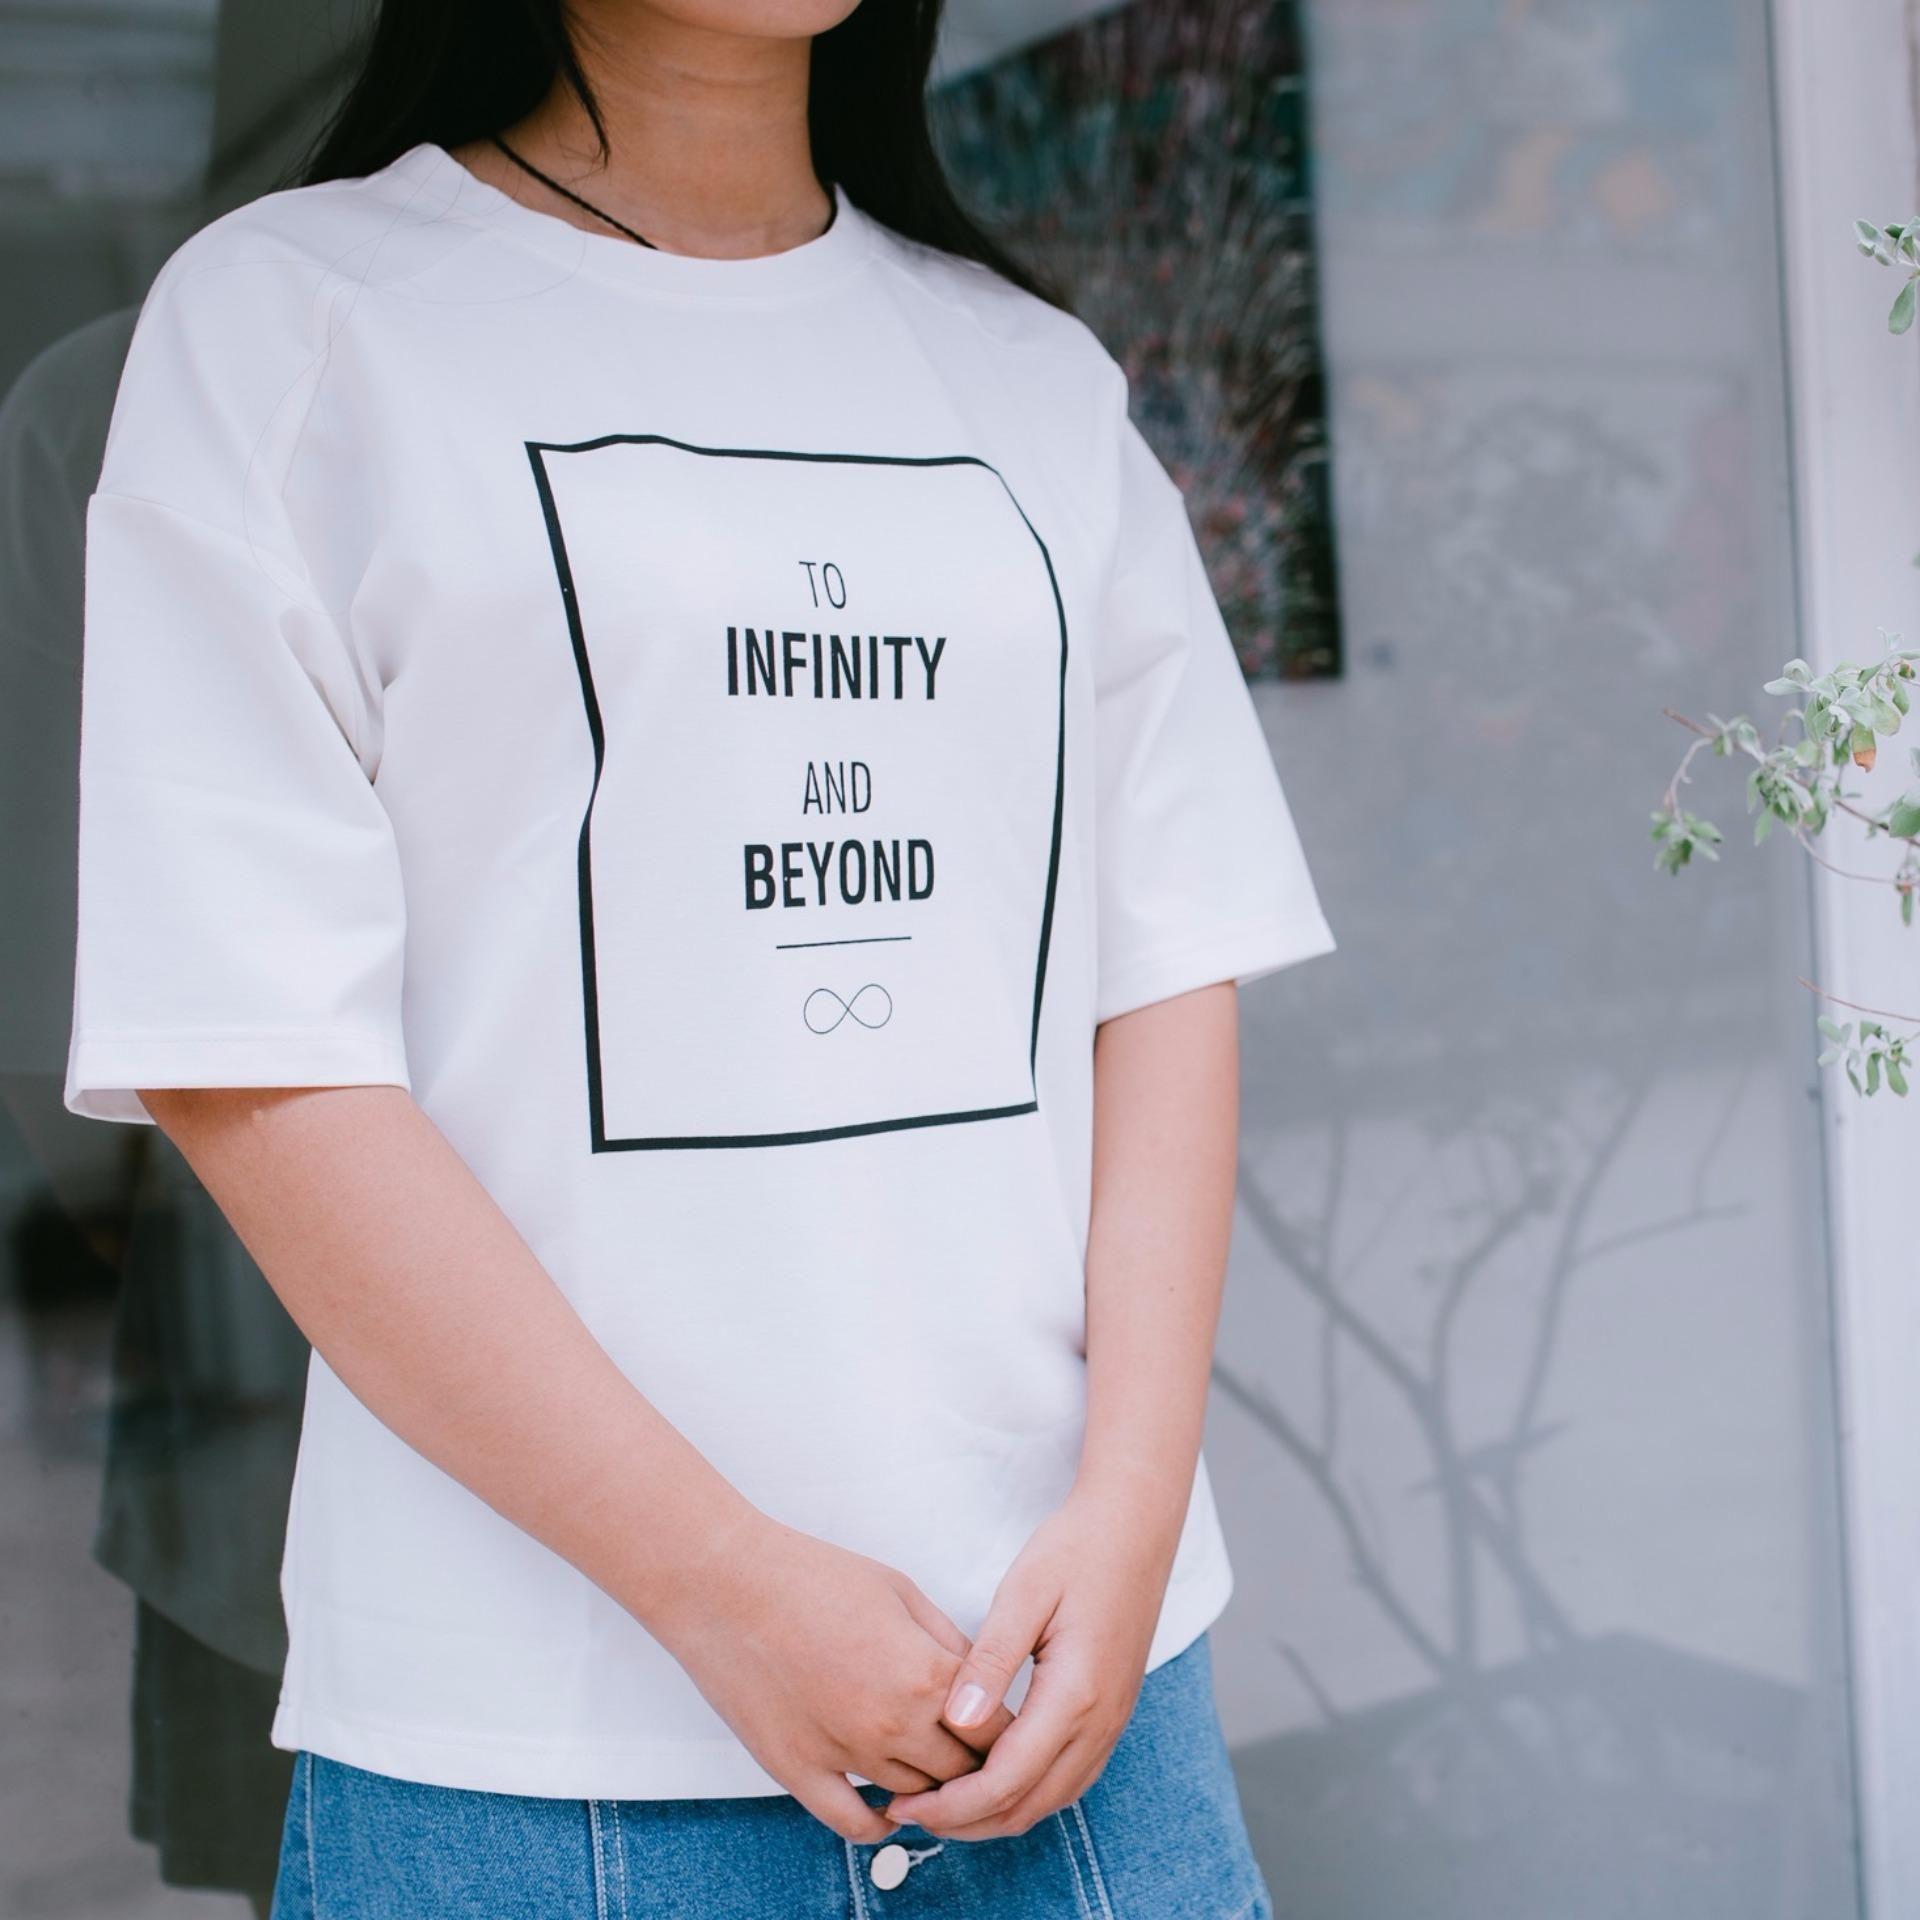 Áo thun trơn cổ tròn font chữ A màu trắng giúp các bạn nữ trở nên cân đối hơn